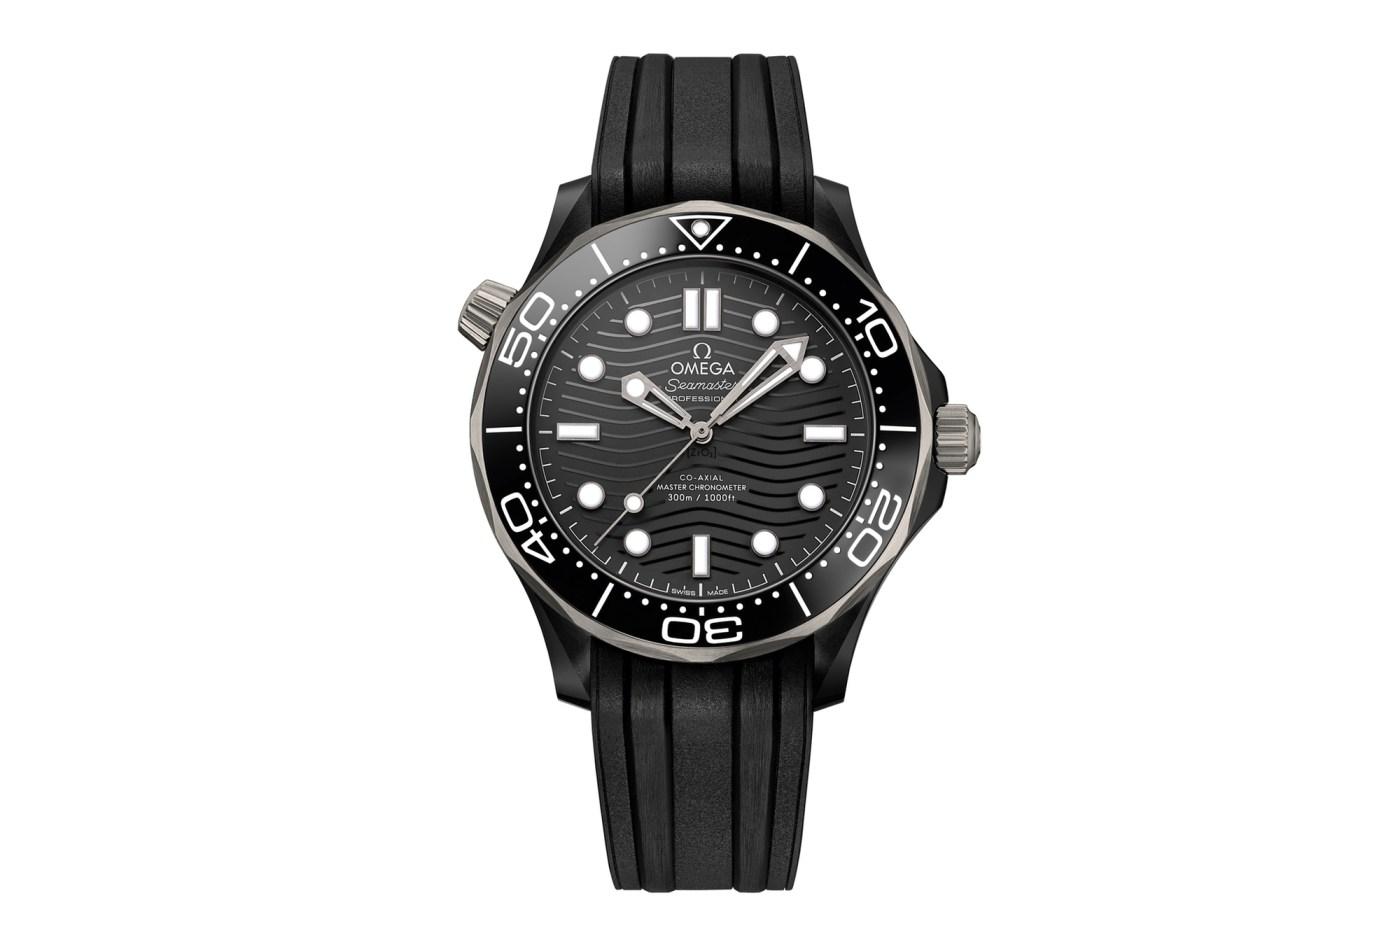 Omega Seamaster Diver 300M Black Ceramic and Titanium